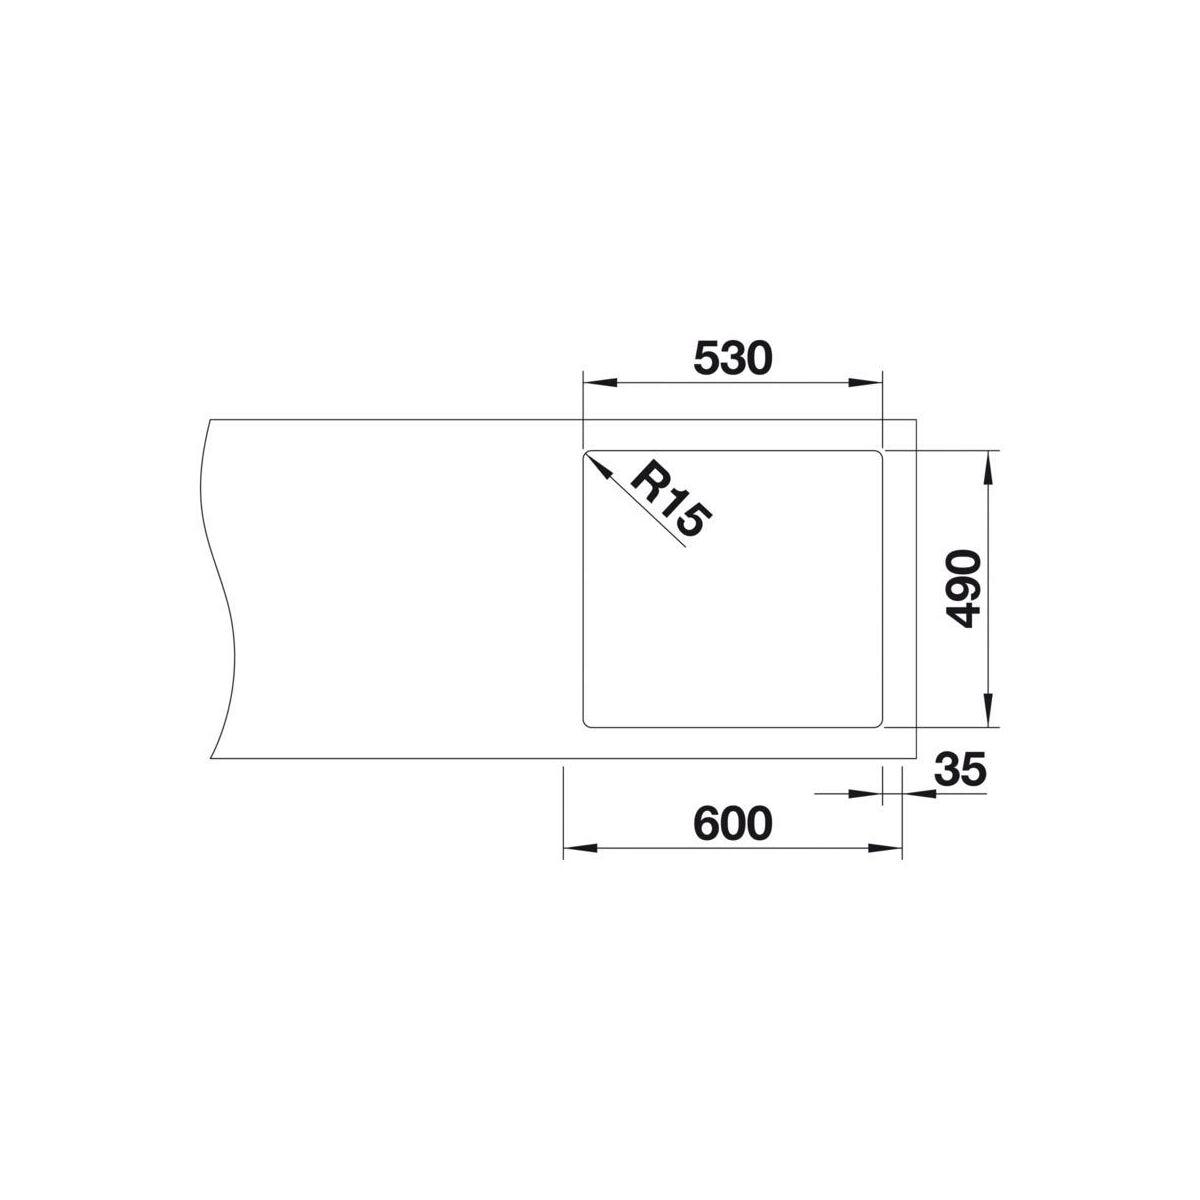 zlewozmywak andano 500 if a 54 cm blanco zlewozmywaki stalowe w atrakcyjnej cenie w sklepach. Black Bedroom Furniture Sets. Home Design Ideas